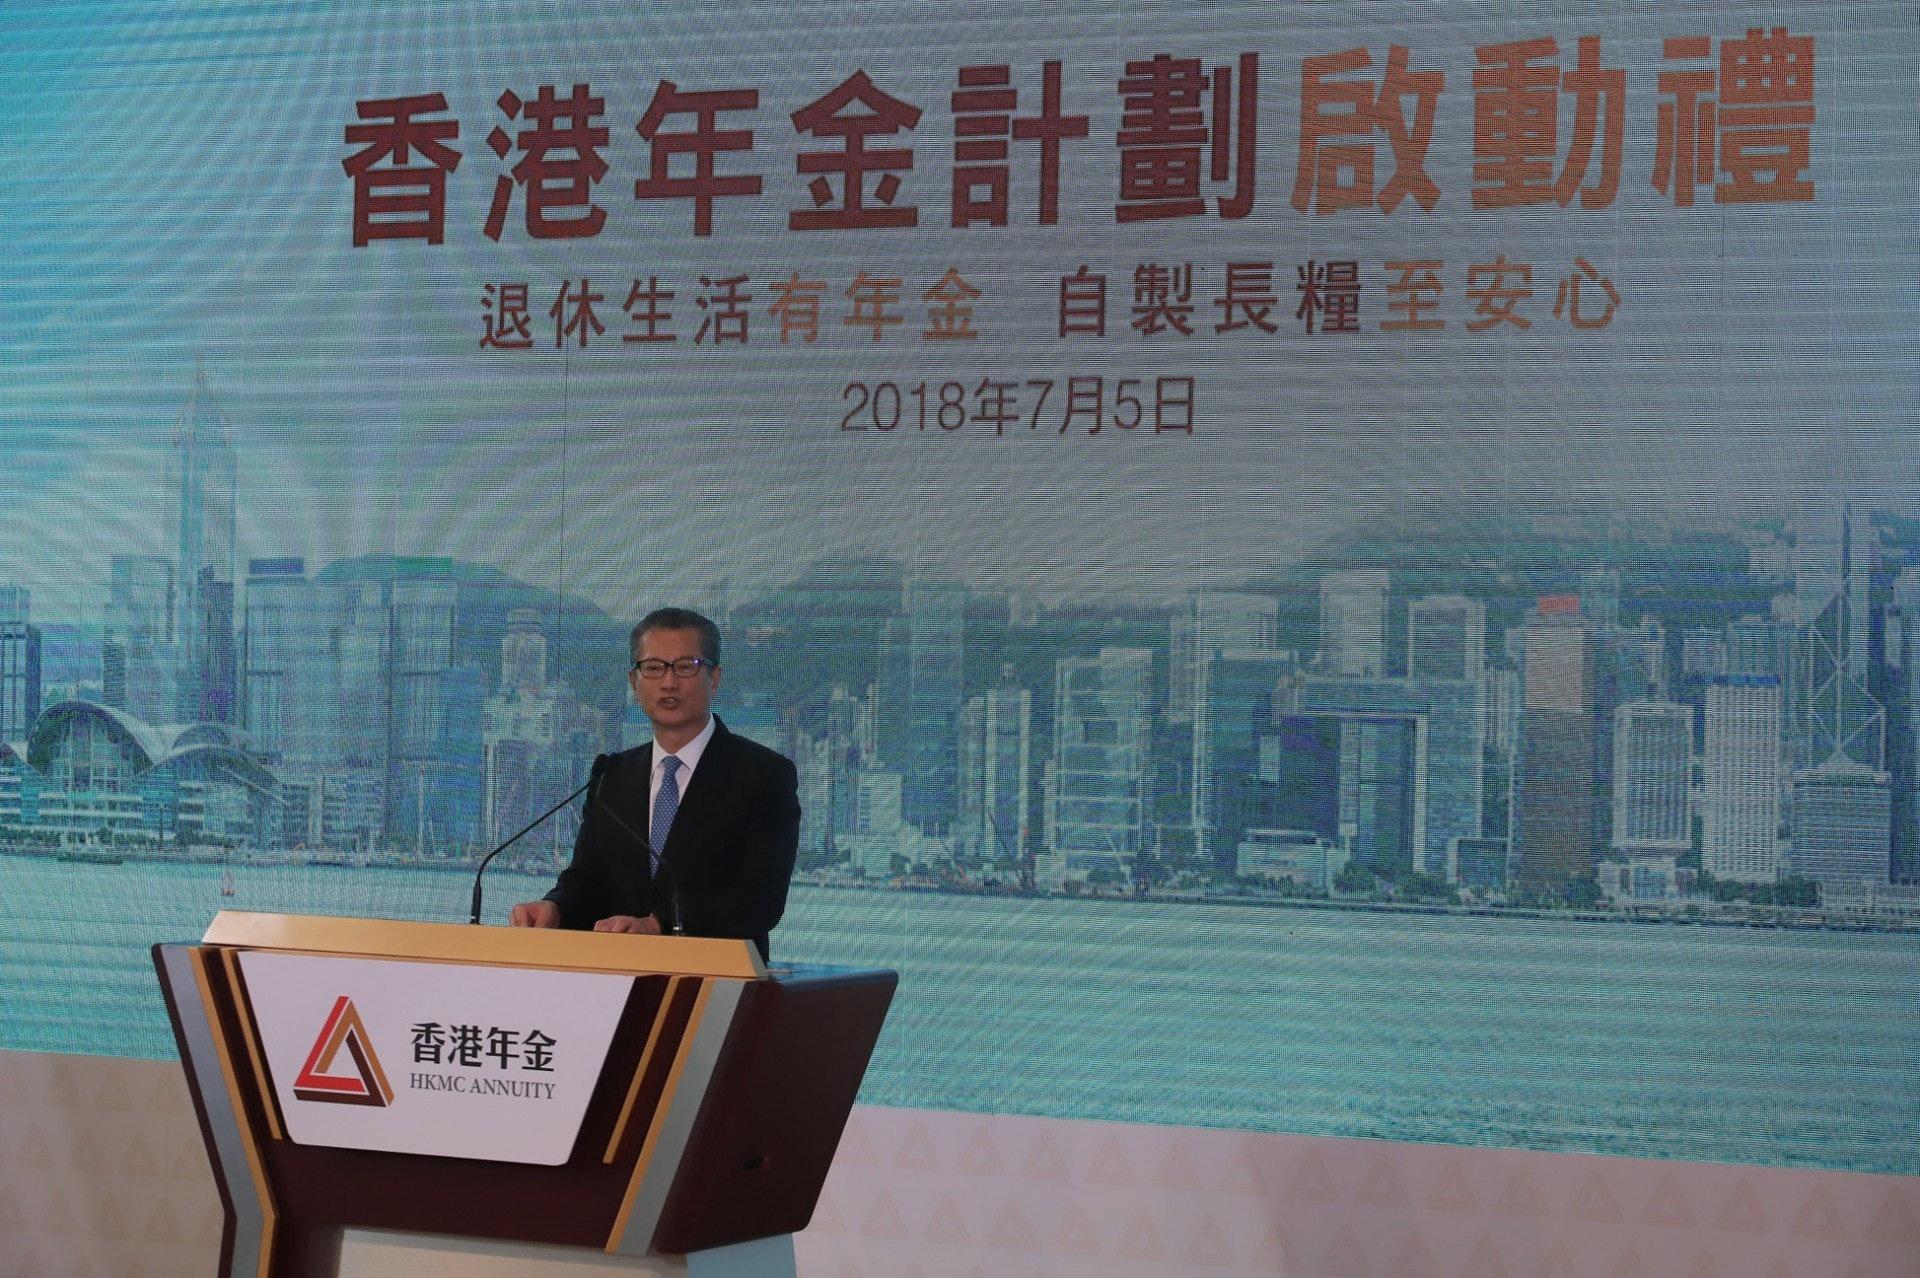 陳茂波曾在終身年金計劃啟動禮致詞時表示,香港年金可為長者在百年歸老前,提供長期、穩定、有保證及可靠的收入。(羅國輝攝)